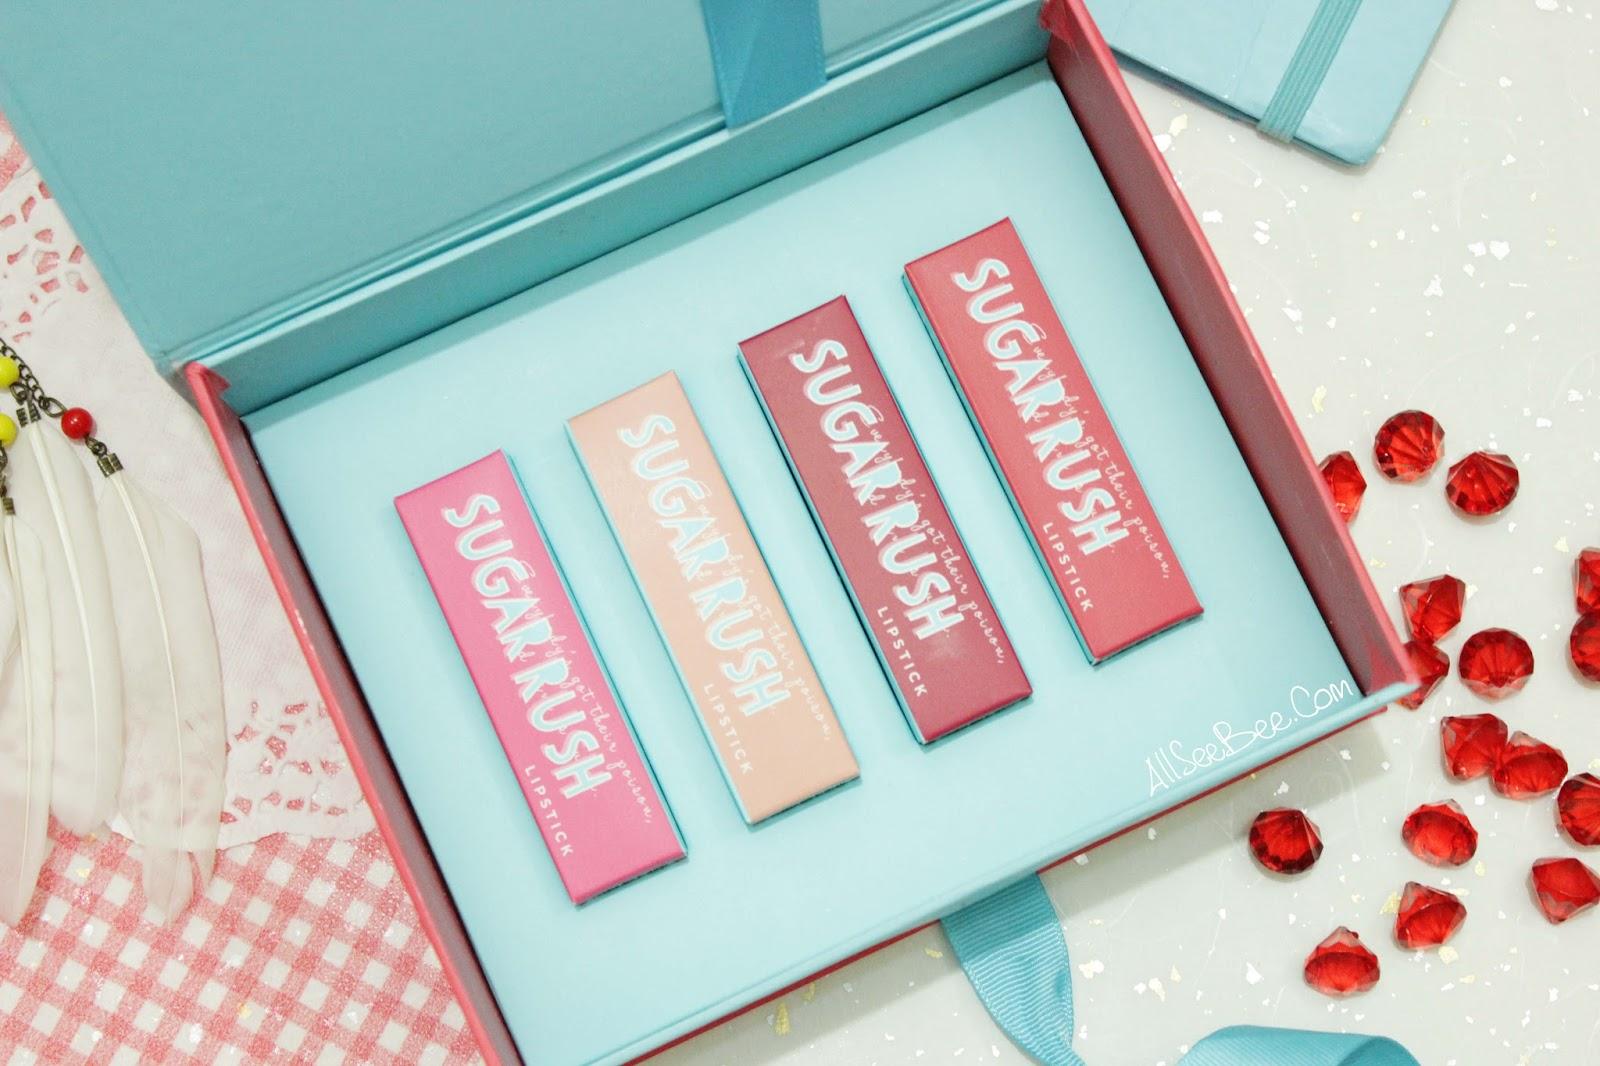 Sugar Rush Lipstick 04 Maroon Macaroon 3 8 Gr Daftar Harga Terkini Cookie Dough 02 Emina 38gr Namanya Pun Unik Dari Kiri Ke Kanan Ada Pink Velvet